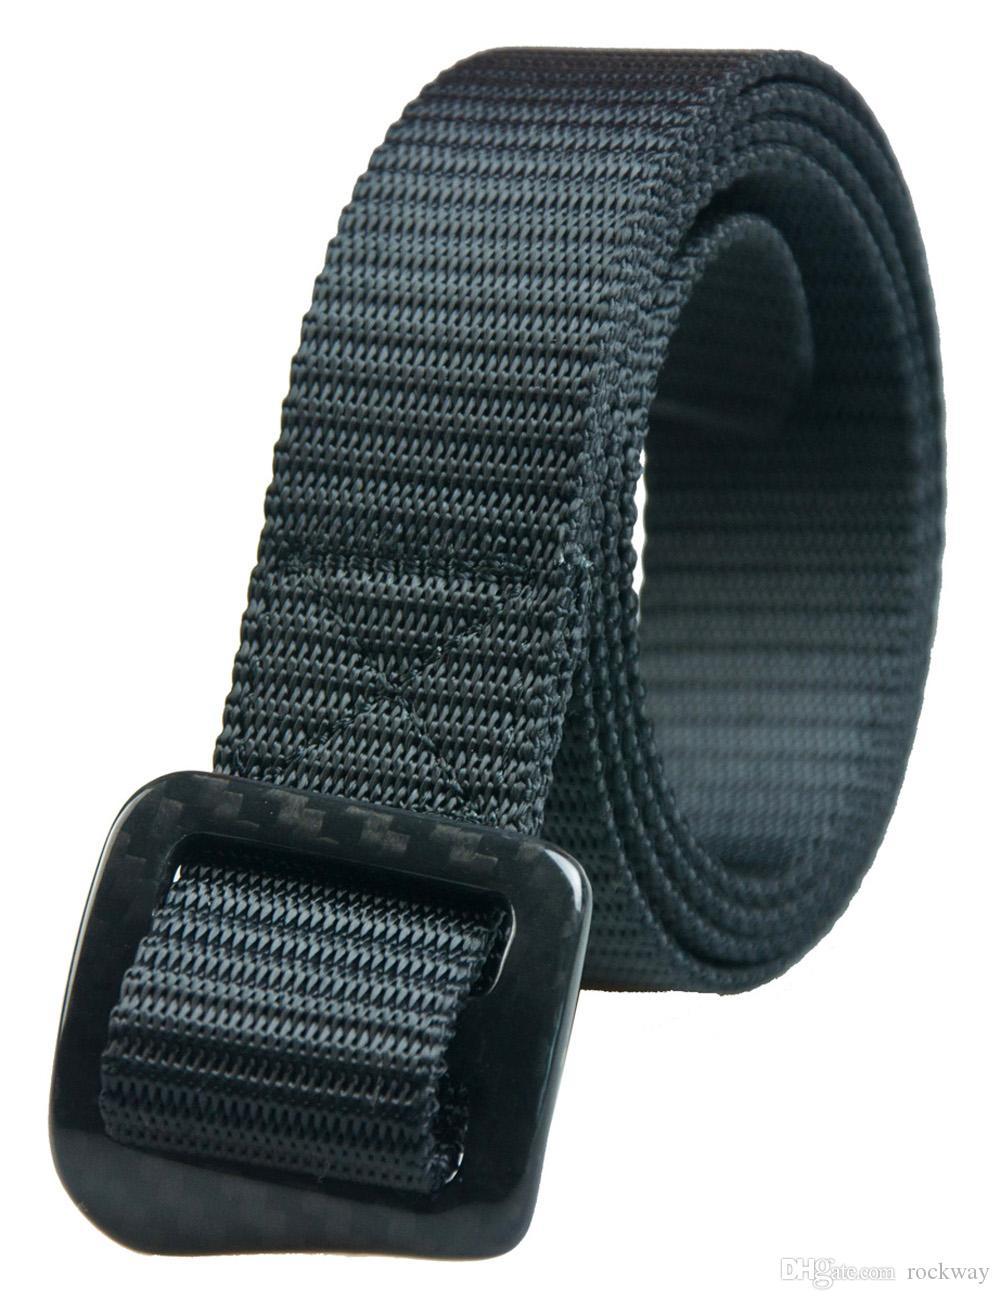 Cinture in nylon nero con fibbia in fibra di carbonio al 100% con controllo anallergico e sicurezza passata